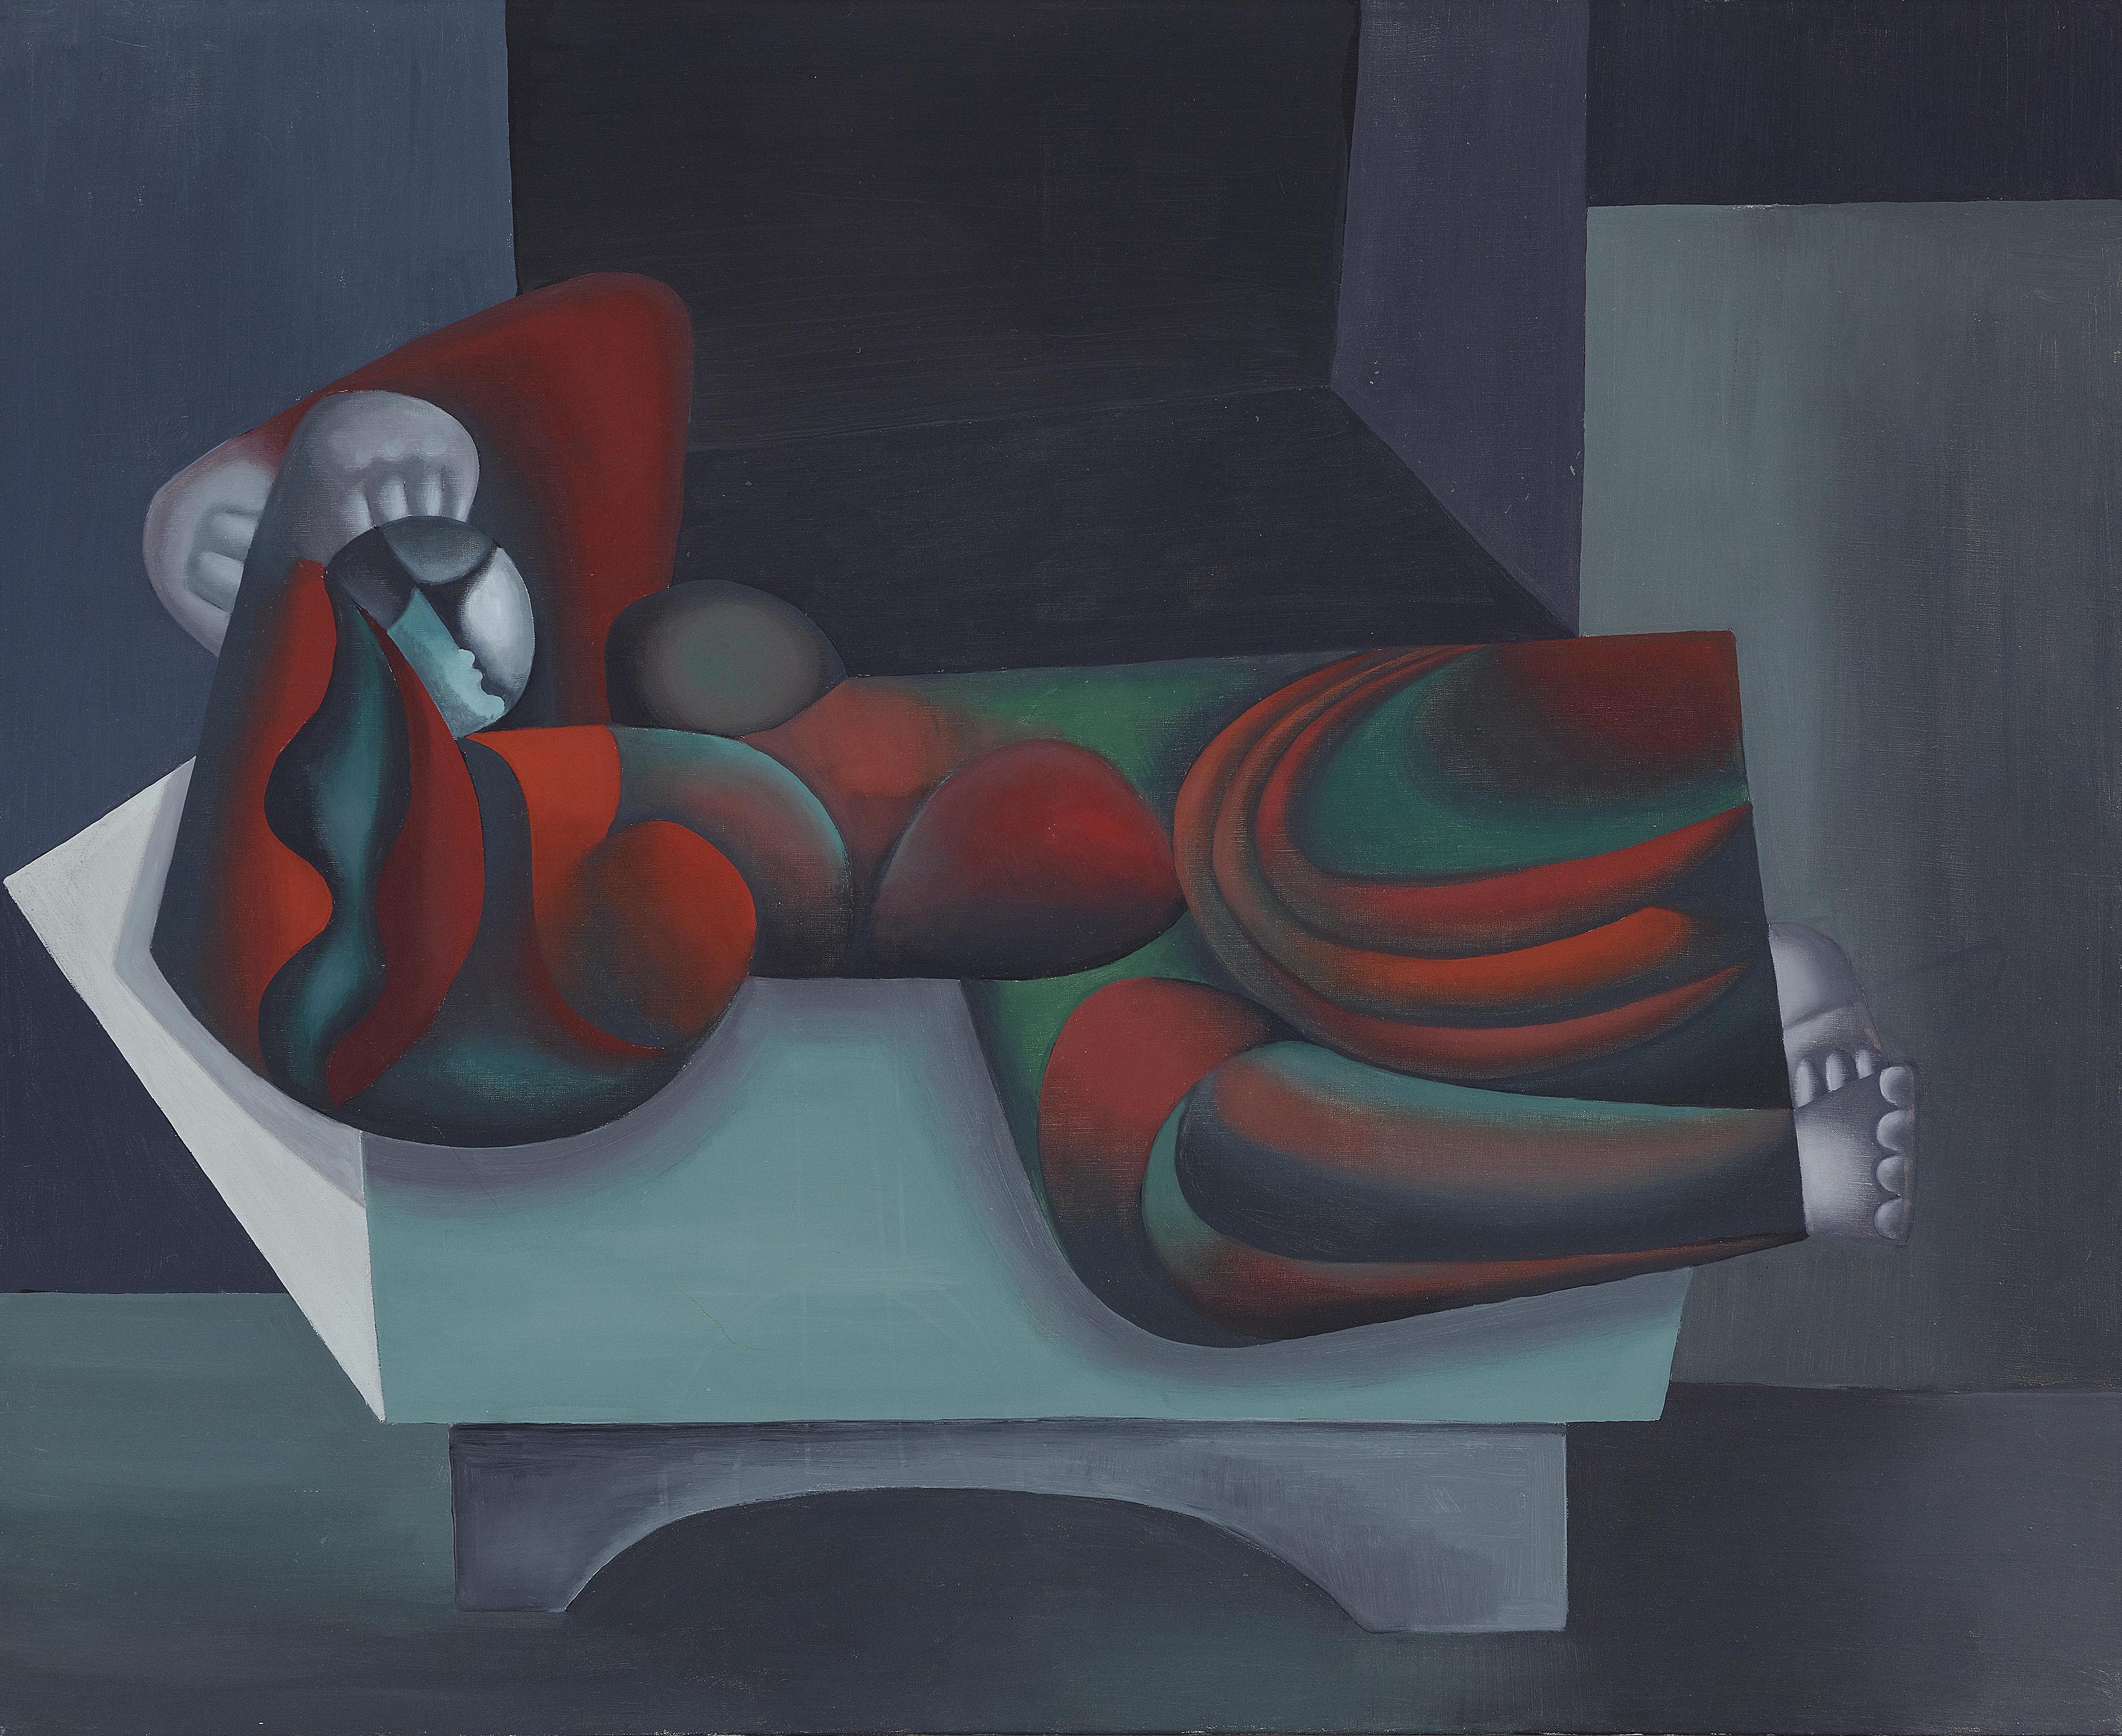 Johann Georg Muller-Liegende (Reclining figure)-1962